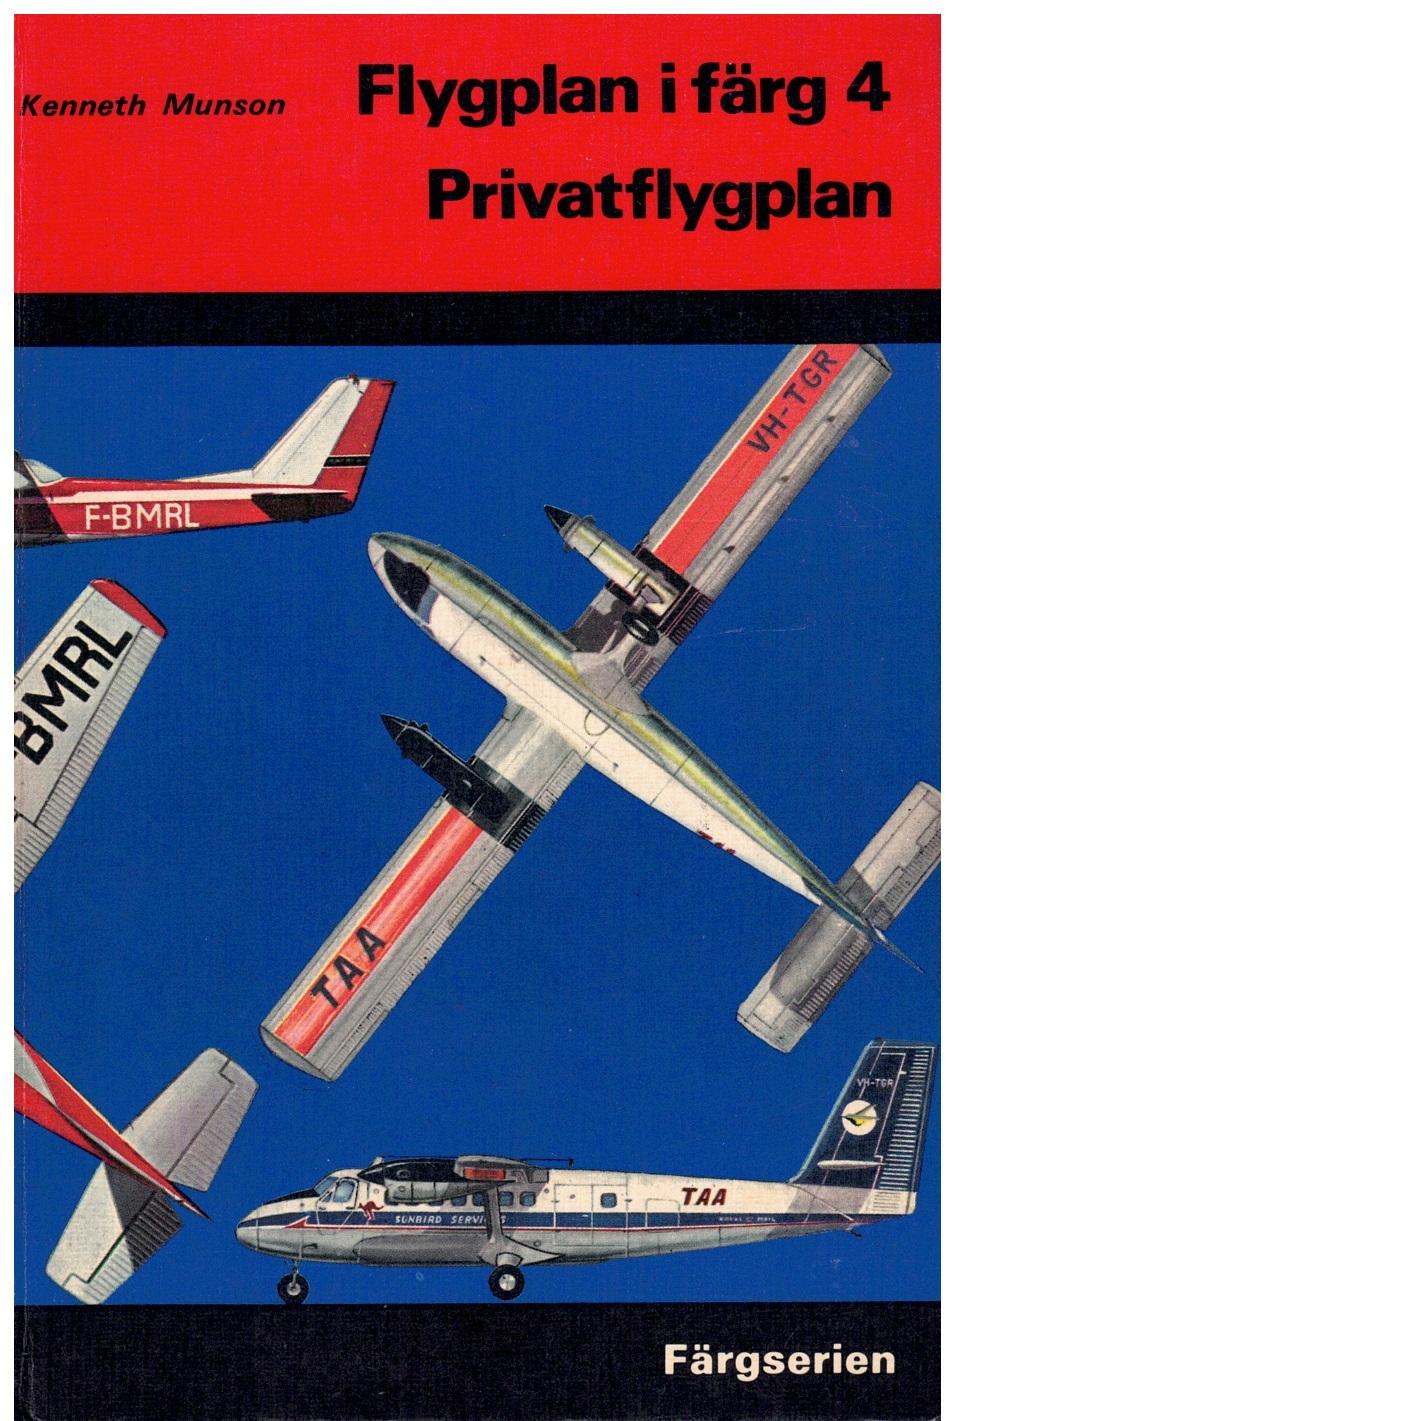 Flygplan i färg. 4 Privatflyplan - Munson, Kenneth